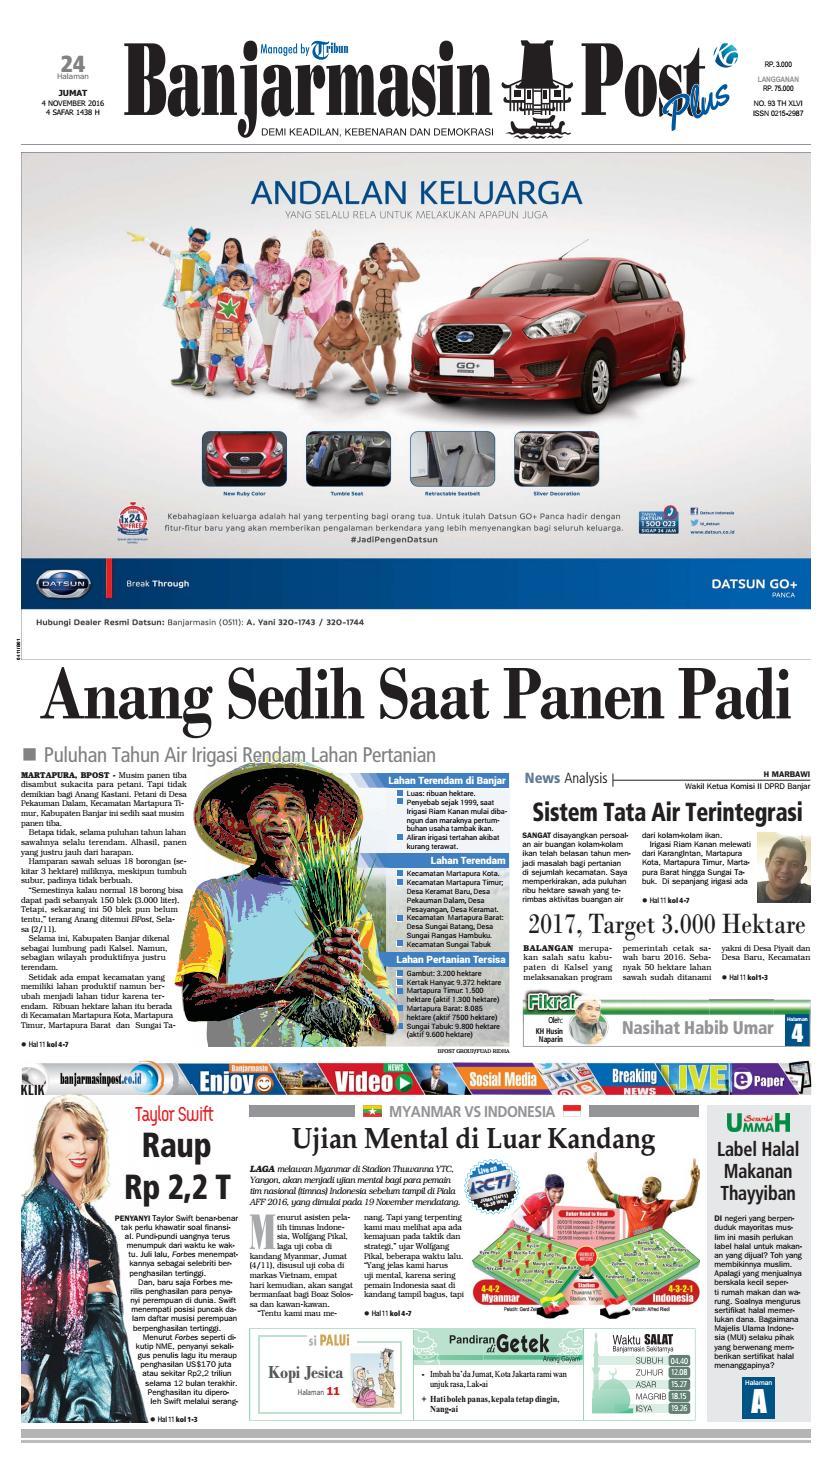 Bp20161202 By Banjarmasin Post Issuu Produk Ukm Bumn Kue Sagu Ikan Haruan Bp20161104